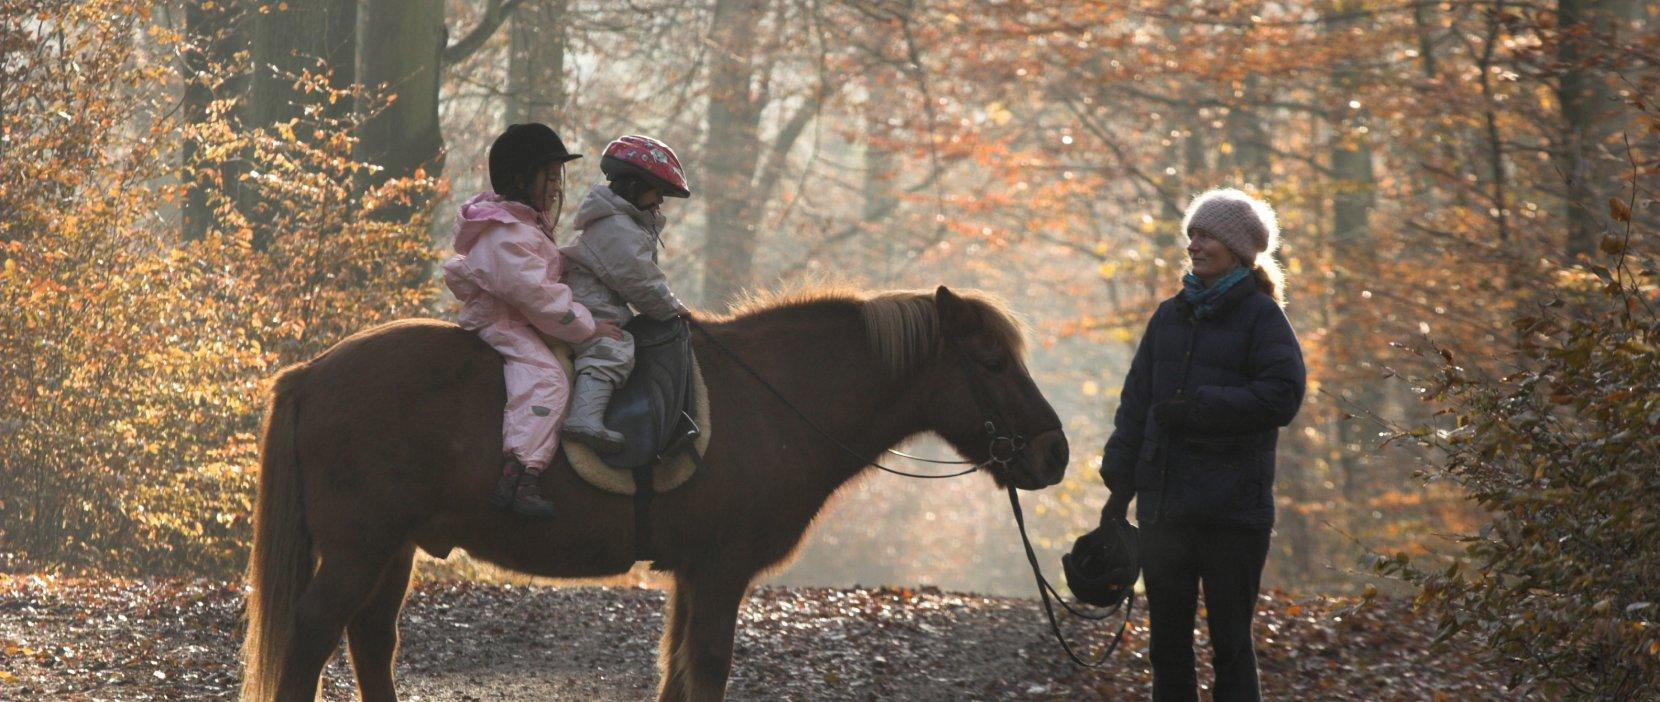 Foto: Rude skov - børn på pony - foto: Jean Schweizer